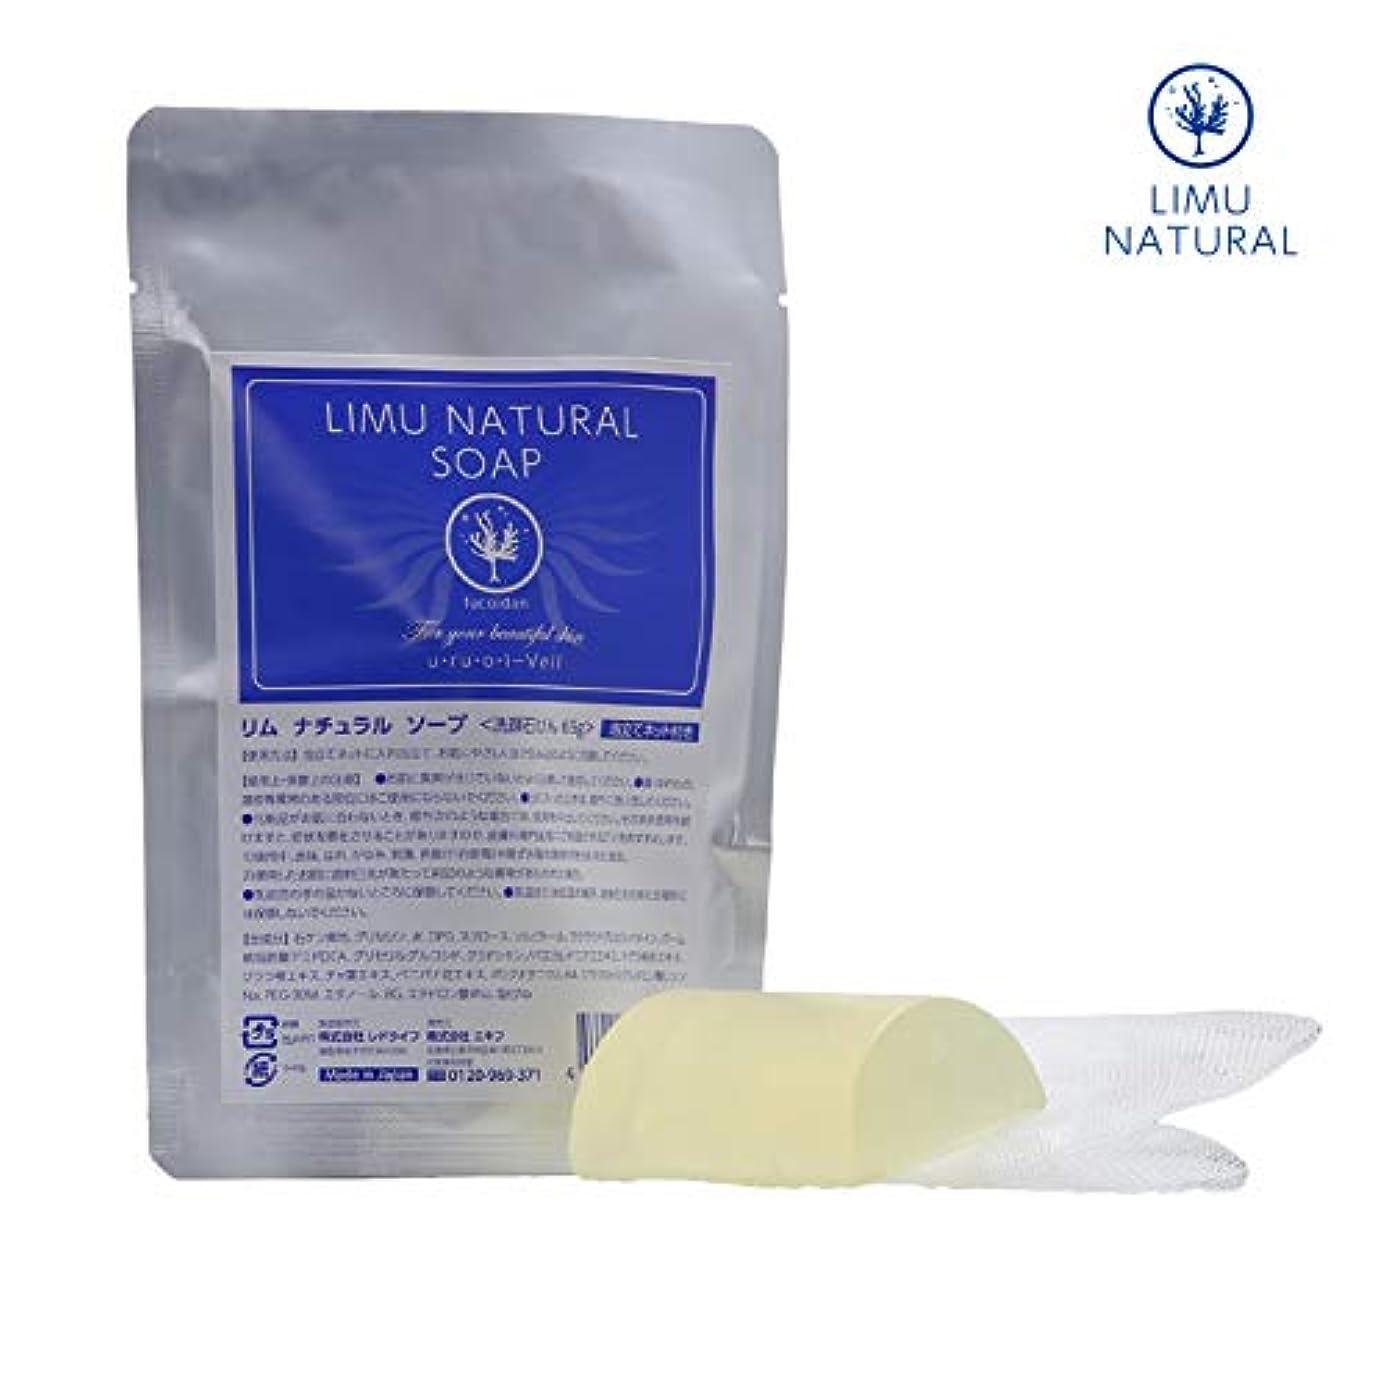 収まる思慮深いあいさつリムナチュラルソープ LIMU NATURAL SOAP ヌルあわ洗顔石けん 泡だてネット付き「美白&保湿」「フコイダン」+「グリセリルグルコシド」天然植物成分を贅沢に配合 W効果 日本製